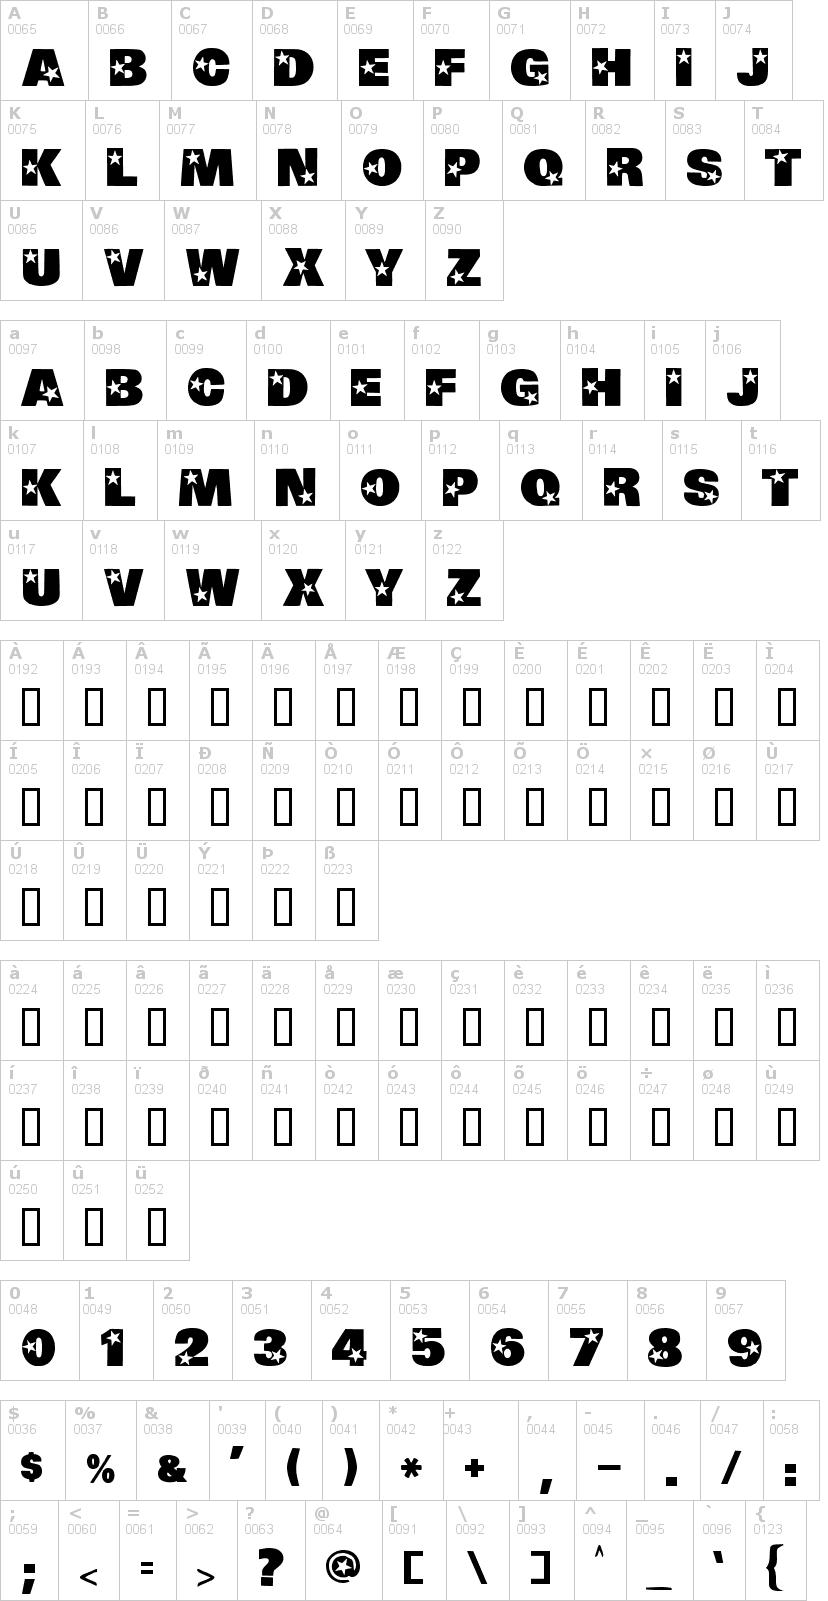 Lettere dell'alfabeto del font politician con le quali è possibile realizzare adesivi prespaziati